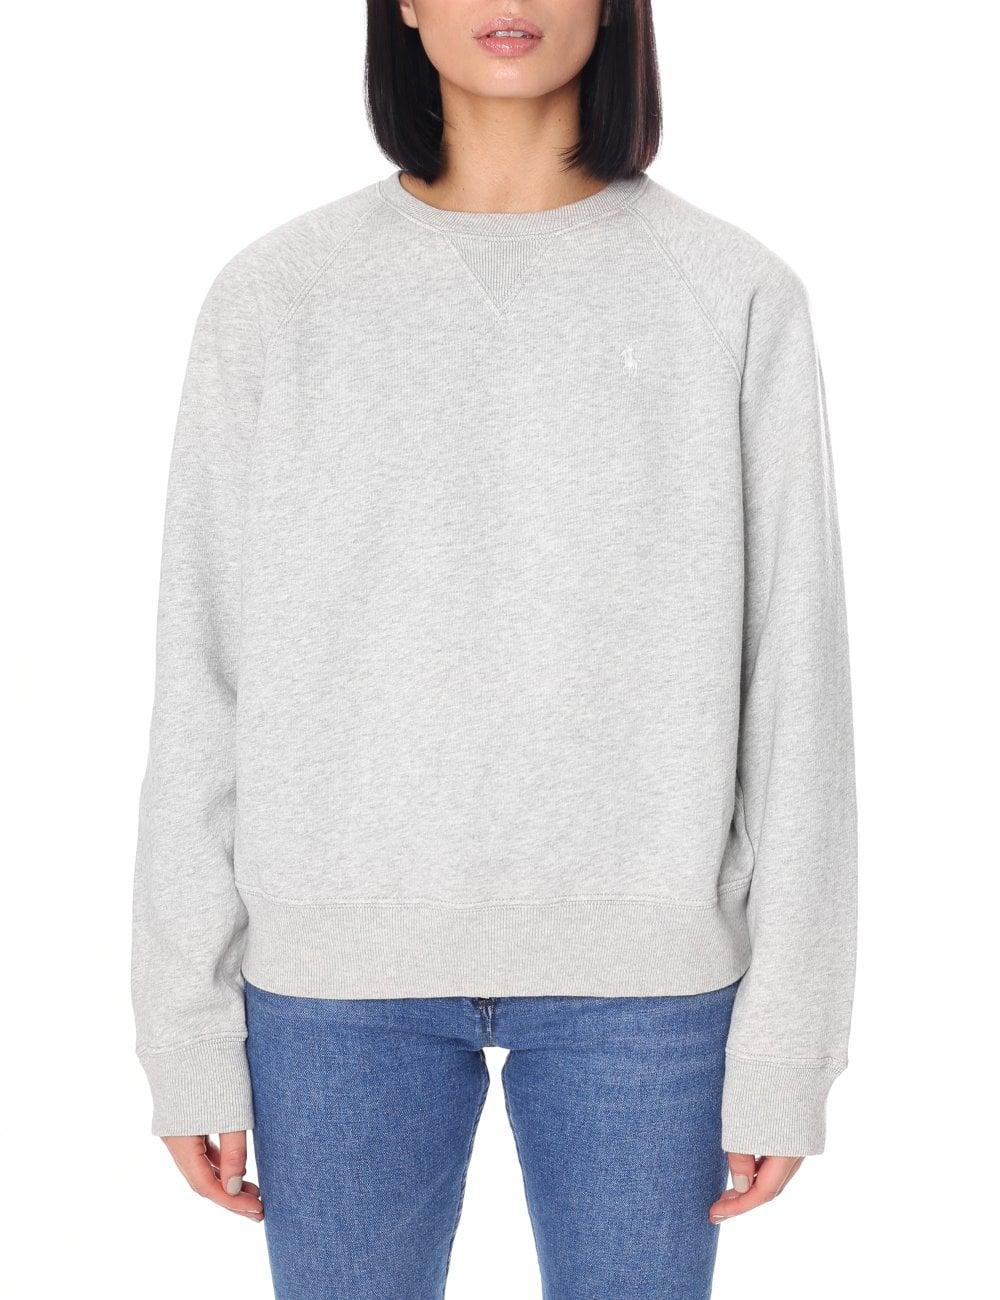 Ralph Lauren Women s Crew Neck Sweatshirt 8ec0517a3